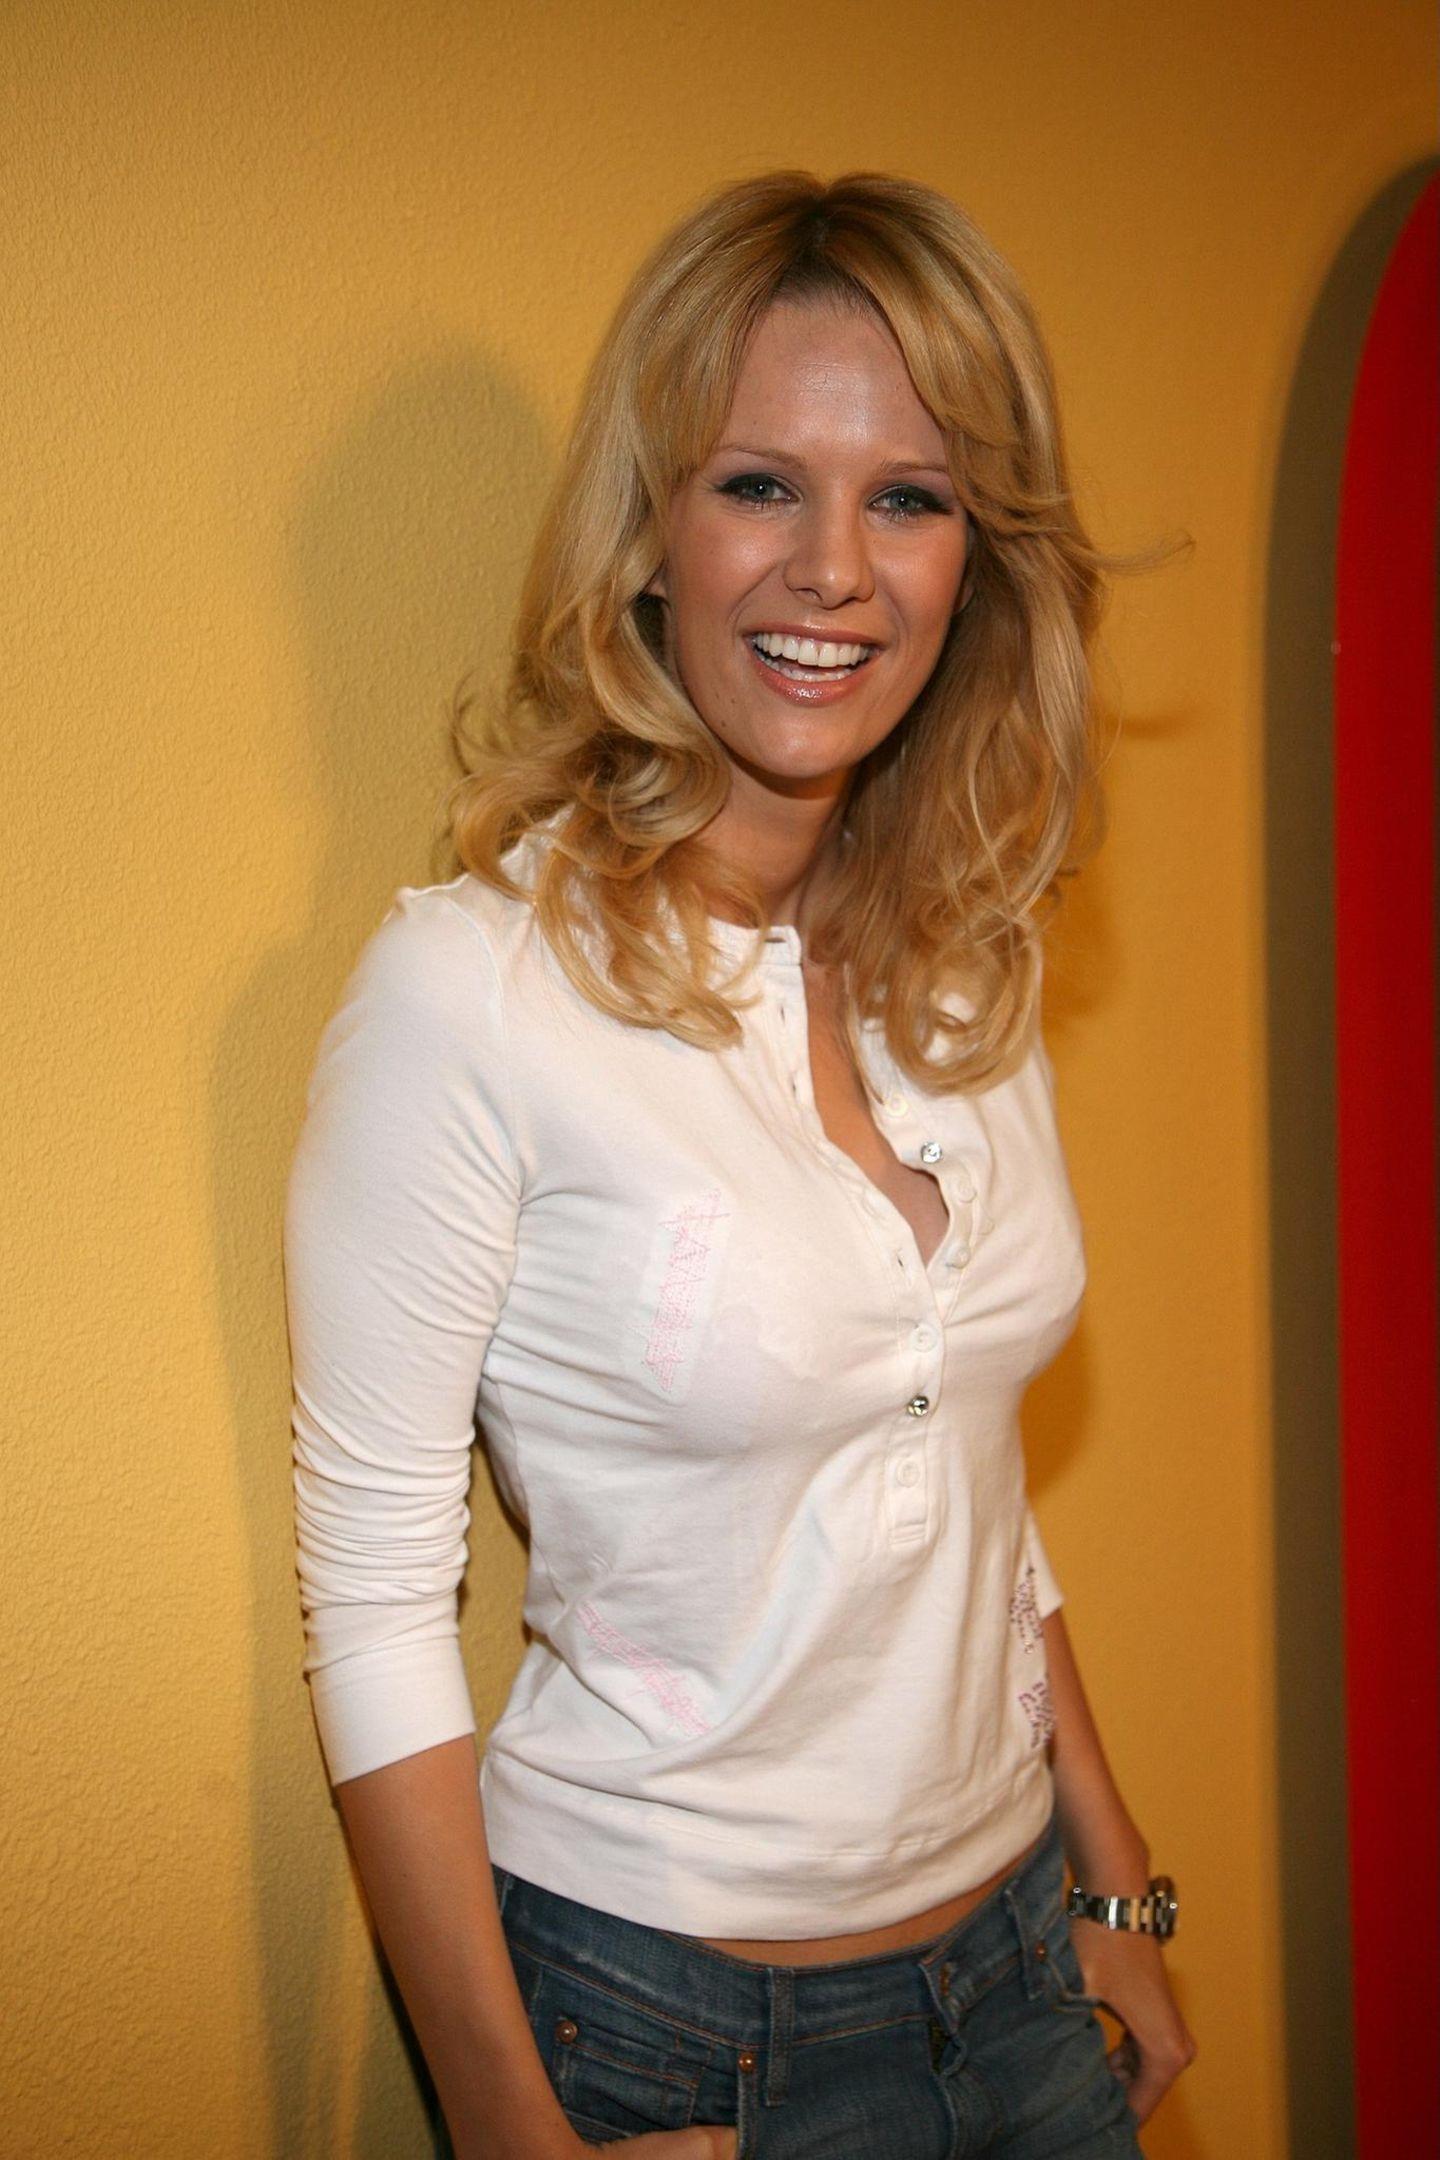 """2004 suchte Monica Ivancan als erste """"Bachelorette"""" die große Liebe. Die schwungvolle Frisur hatte sie schon damals."""